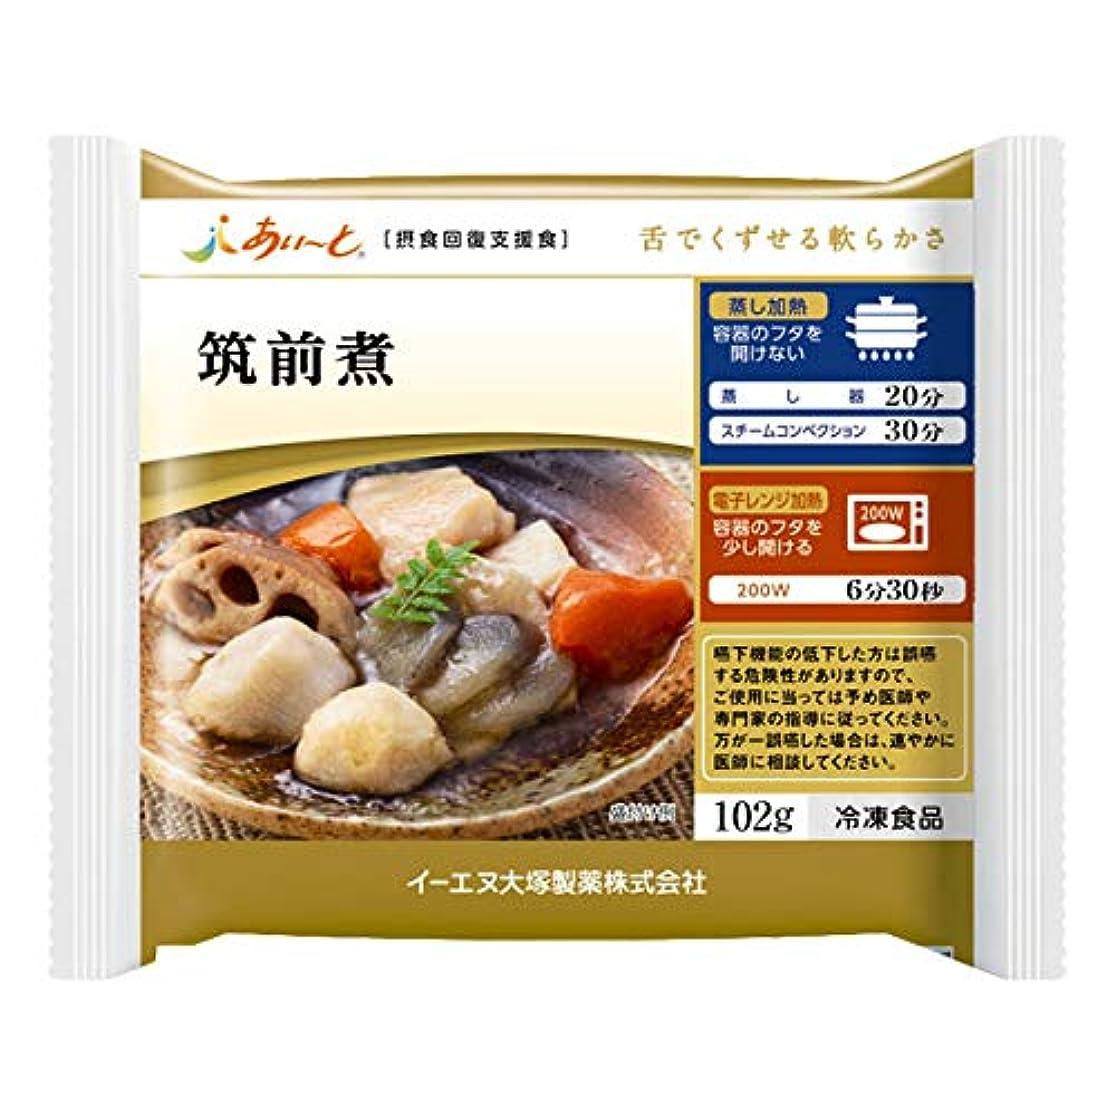 激しい疾患グレー【冷凍介護食】摂食回復支援食 あいーと 筑前煮 111g